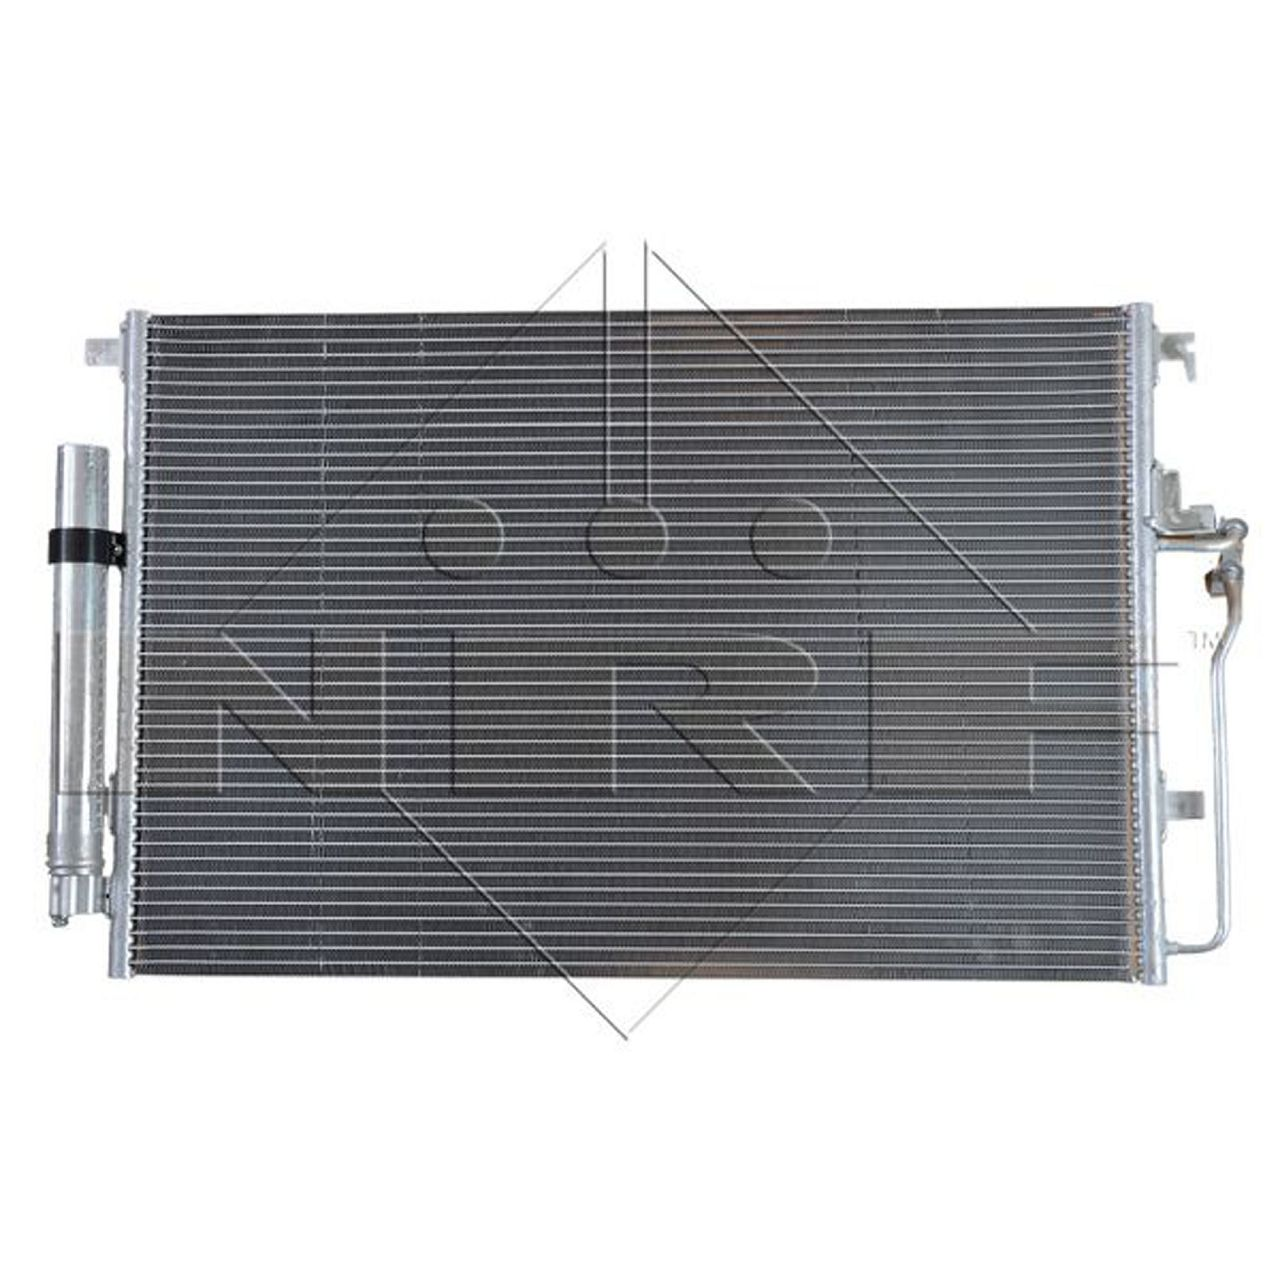 NRF 35849 EASY FIT Kondensator VW Crafter 30-50 2.0-2.5D MERCEDES Sprinter 3t-5t 906-910